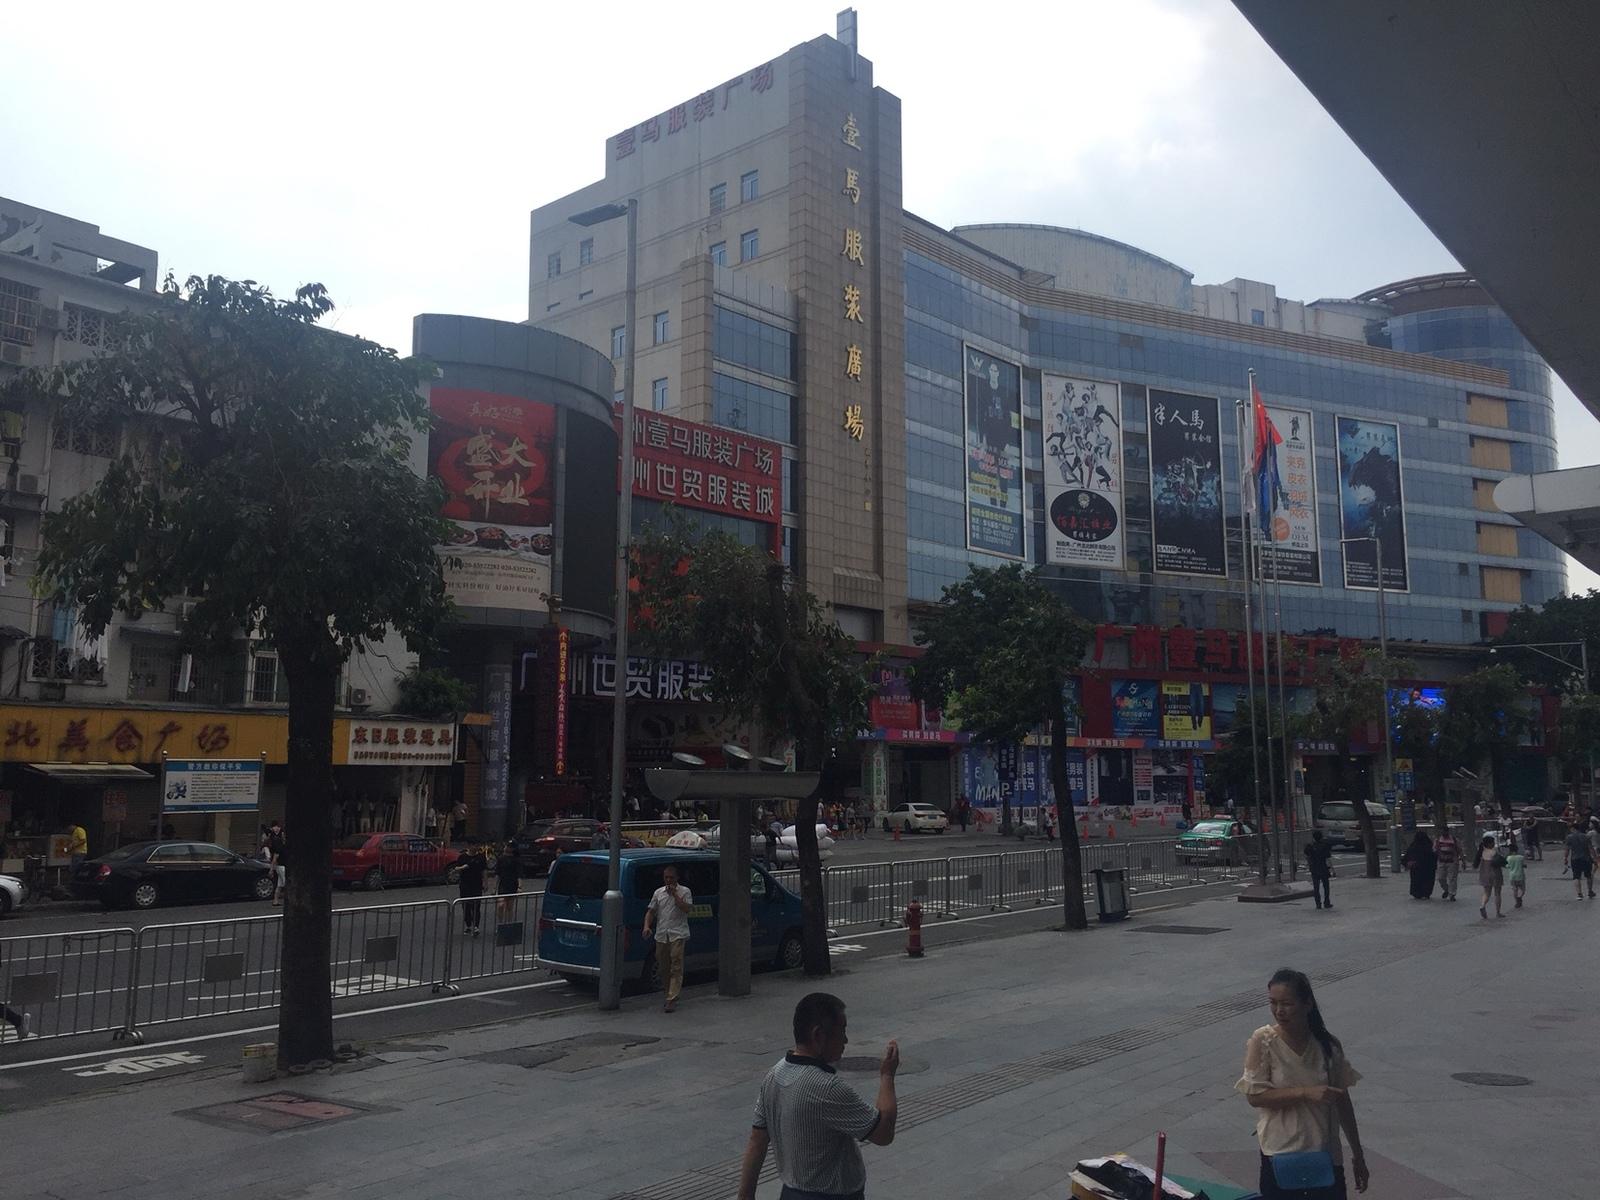 اجمل مدن العالم الصين 474220 المسافرون العرب